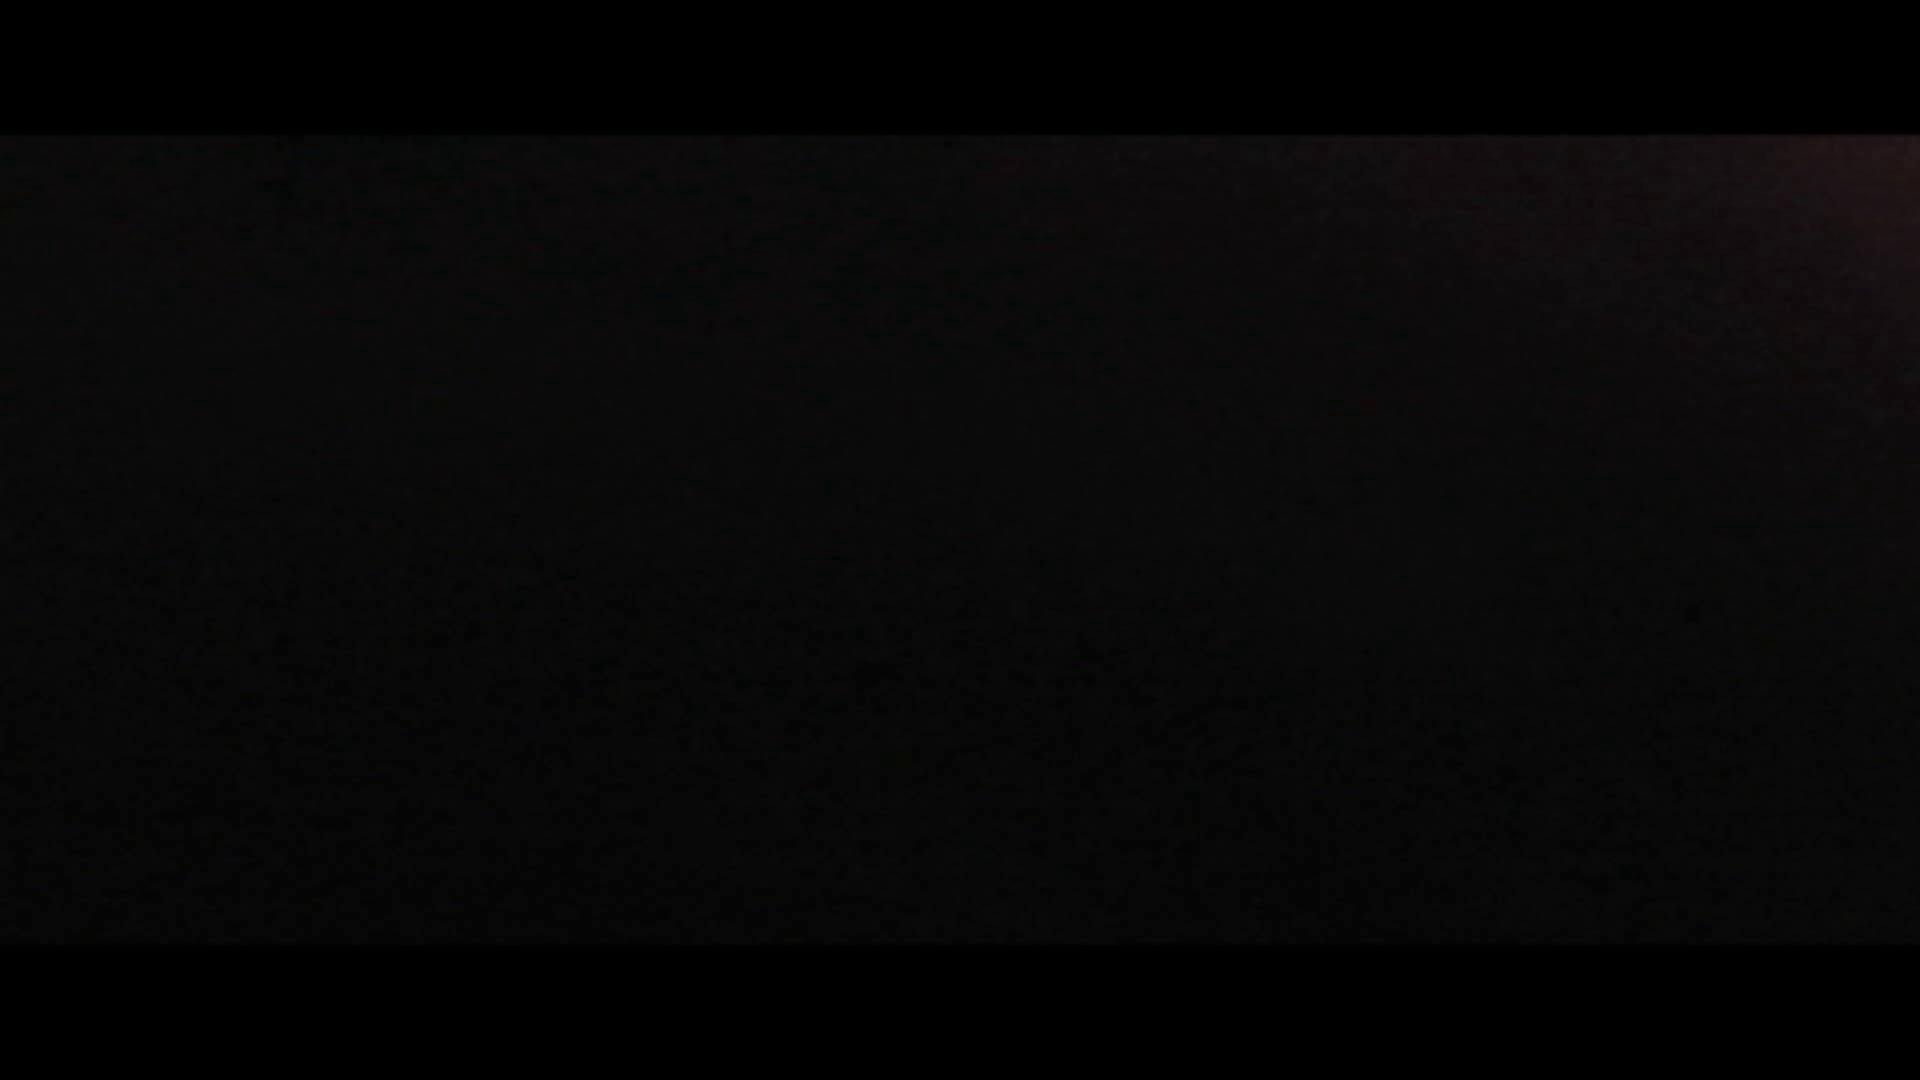 世界の射窓から vol.30 巨乳 すけべAV動画紹介 99枚 73